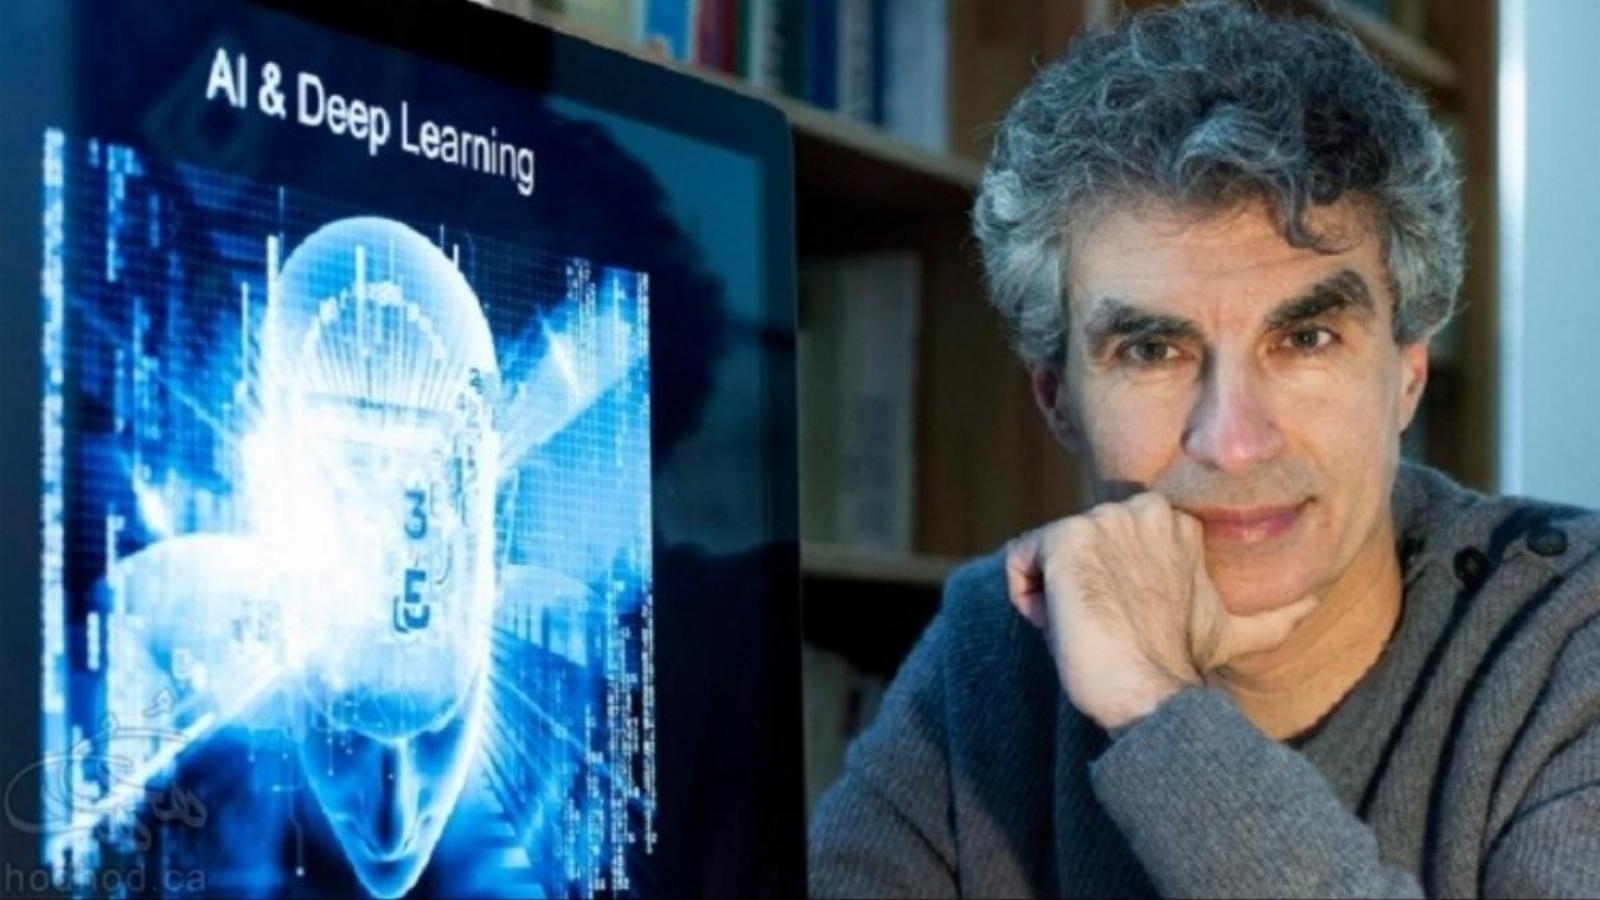 غولهای تکنولوژی به دنبال سرمایه گذاری در تحقیقات هوش مصنوعی در مونترال